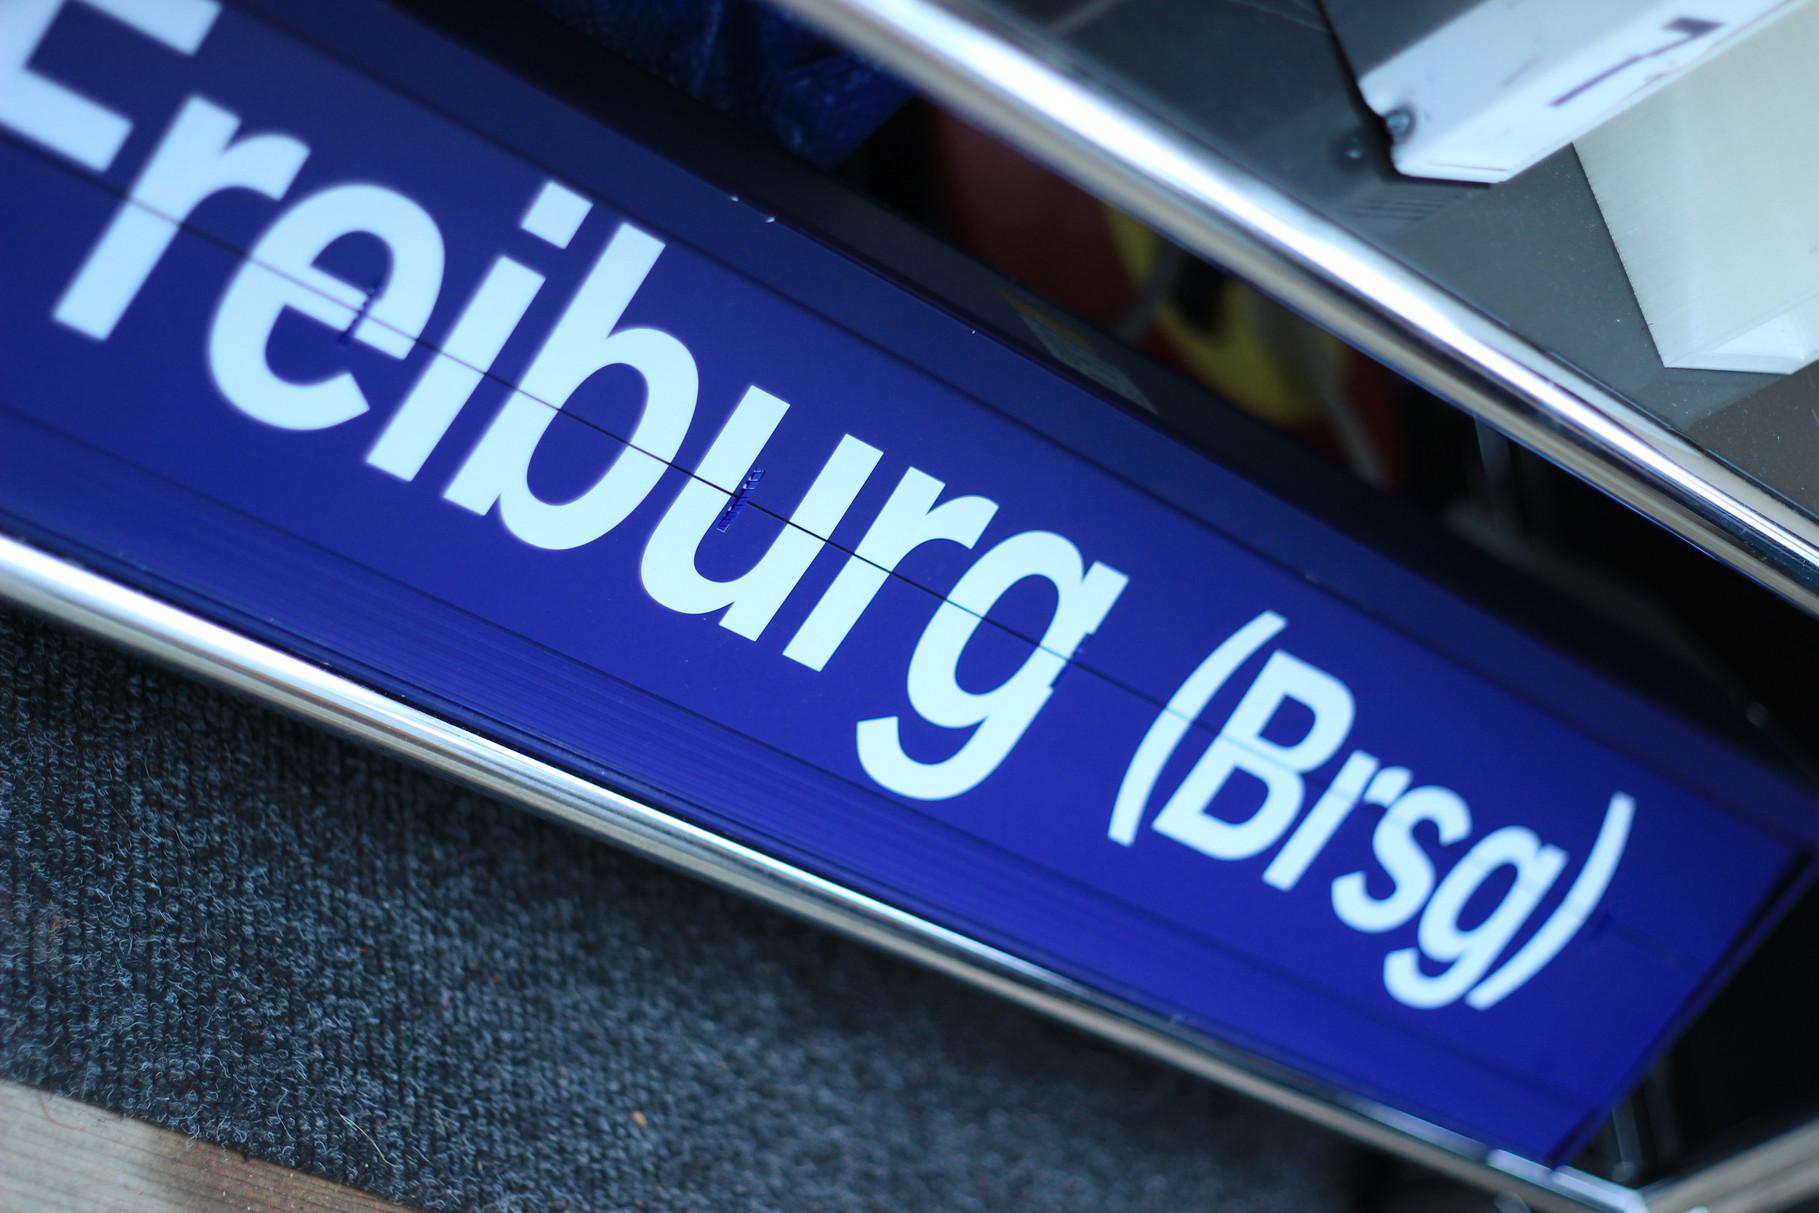 Frei-Cycle in Freiburg